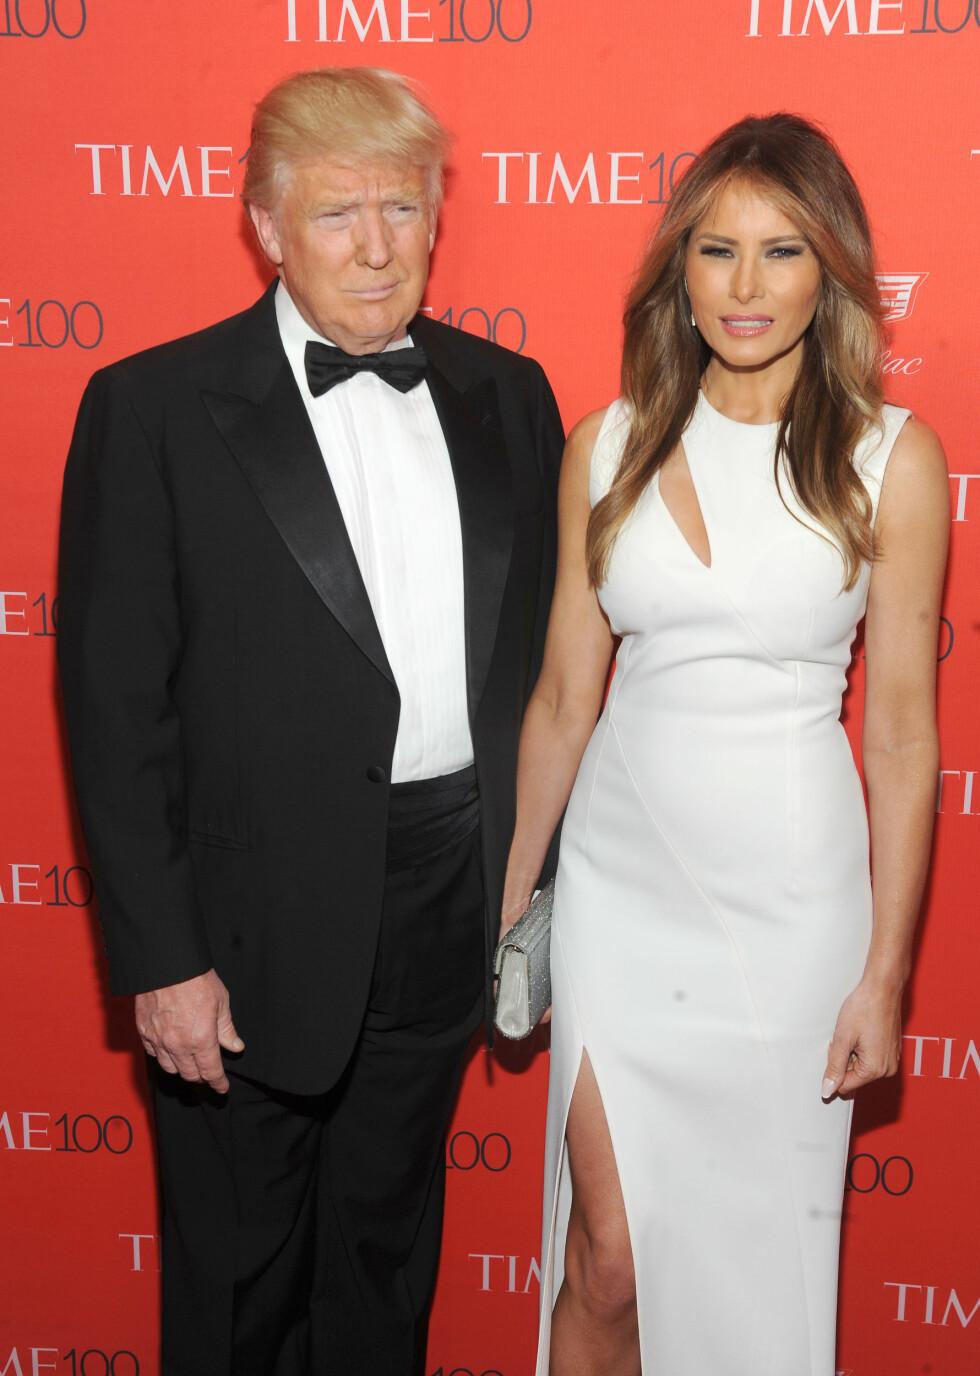 OFTE I HVITT: Melania Trump er glade i hvite antrekk, så det skal du ikke se bort ifra at det blir en del av i Det Hvite Hus. Foto: Splash News